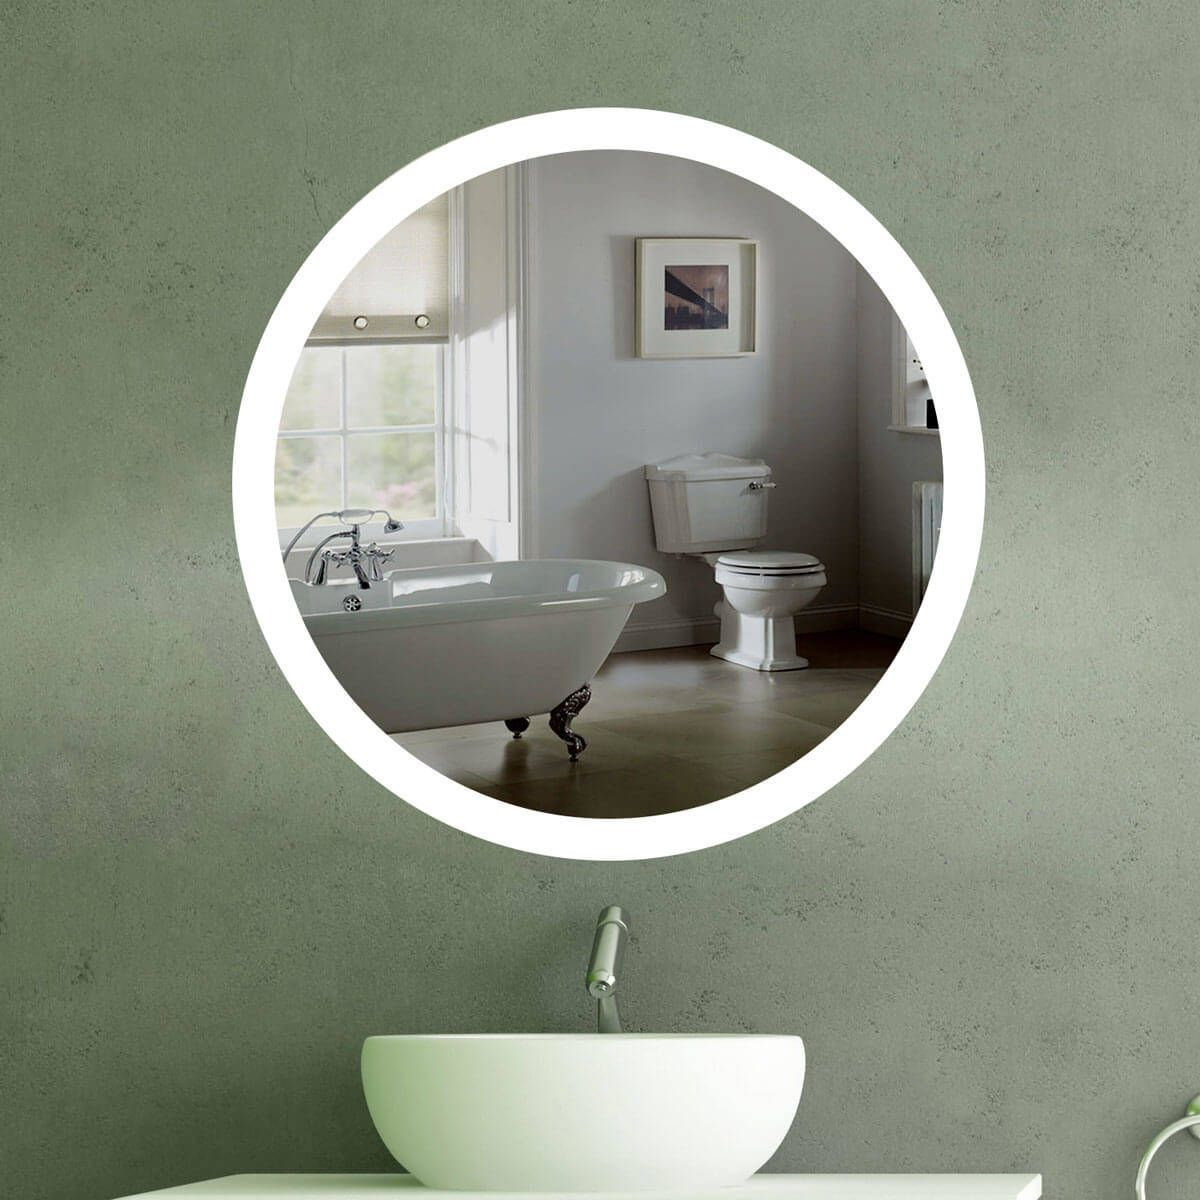 Wandspiegel Beleuchtet Rund Led R 405 Gunstig Tuv Gepruft 4 Jahre Kristallglas 2 Jahre Technische Bau Badspiegel Wandspiegel Rund Badspiegel Beleuchtet